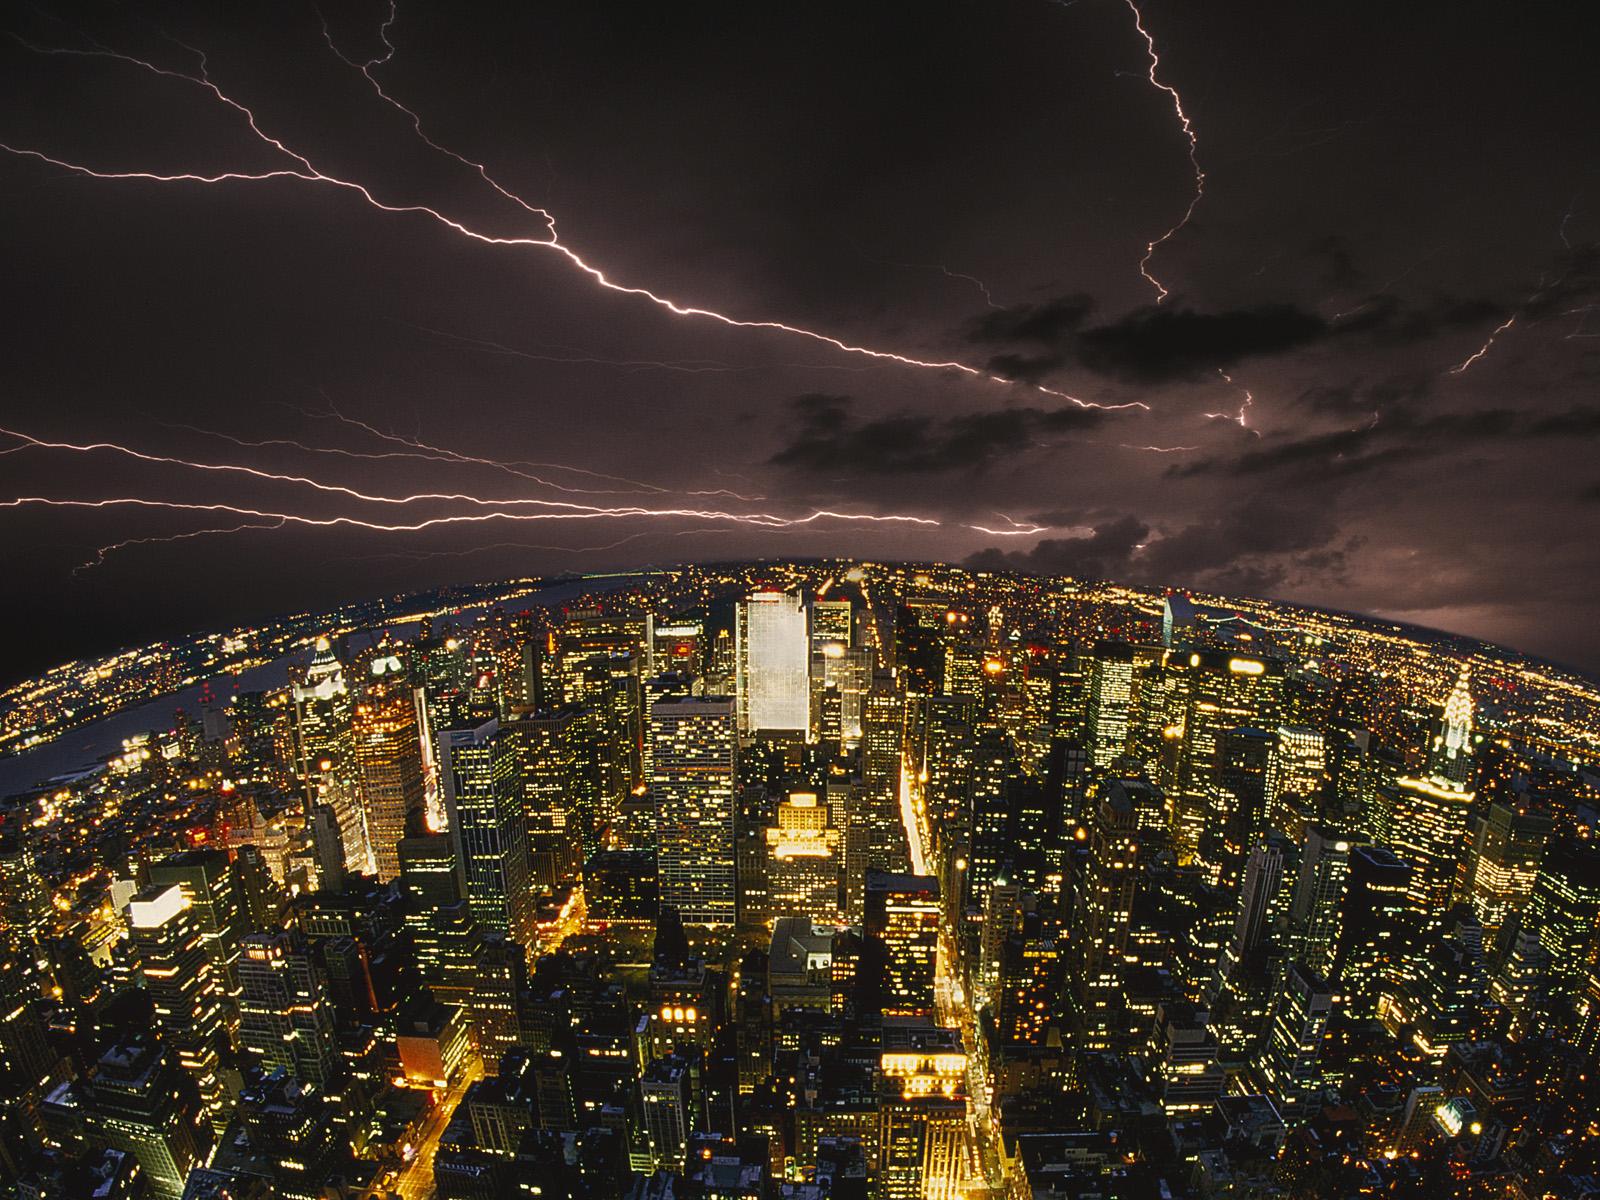 落雷も上手に使えば発電所にとっては有益な存在となる